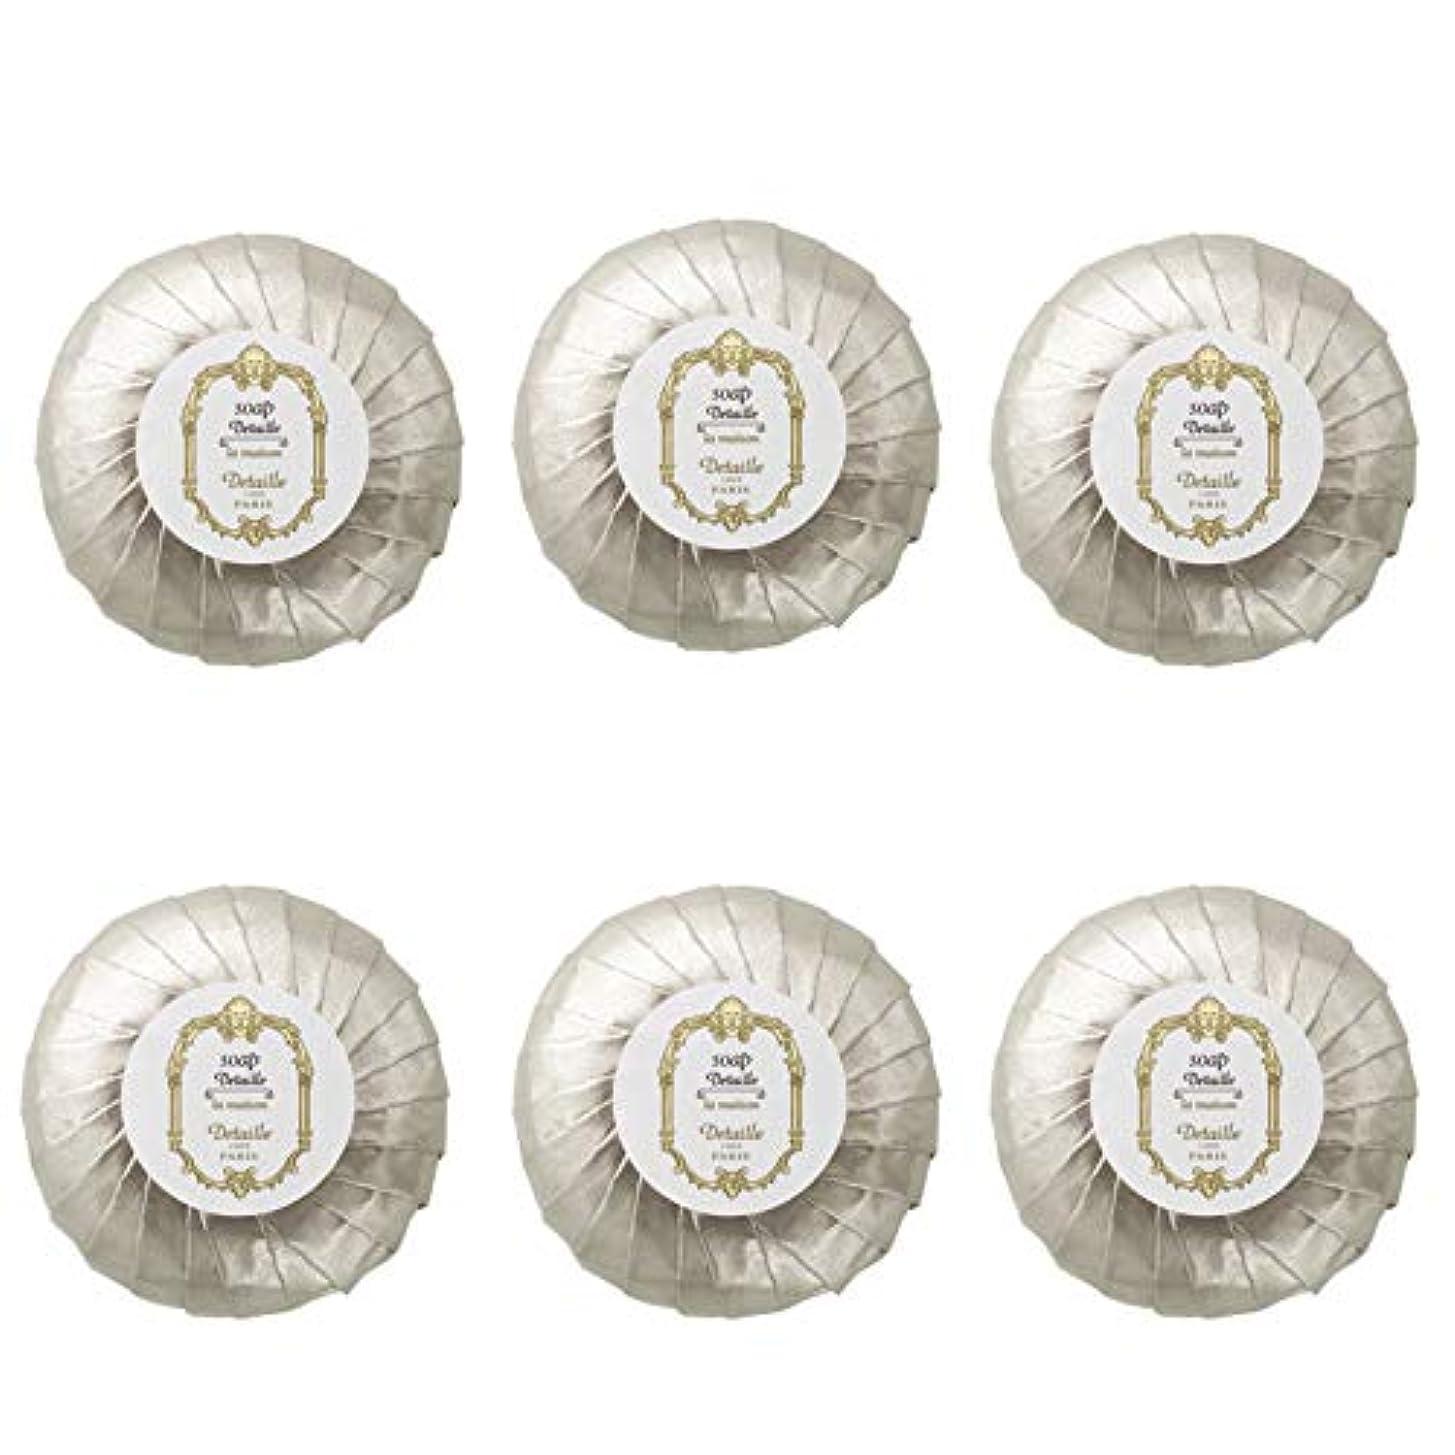 こどもセンター広範囲野心的POLA デタイユ ラ メゾン スキンソープ 固形石鹸 (プリーツ包装) 50g×6個